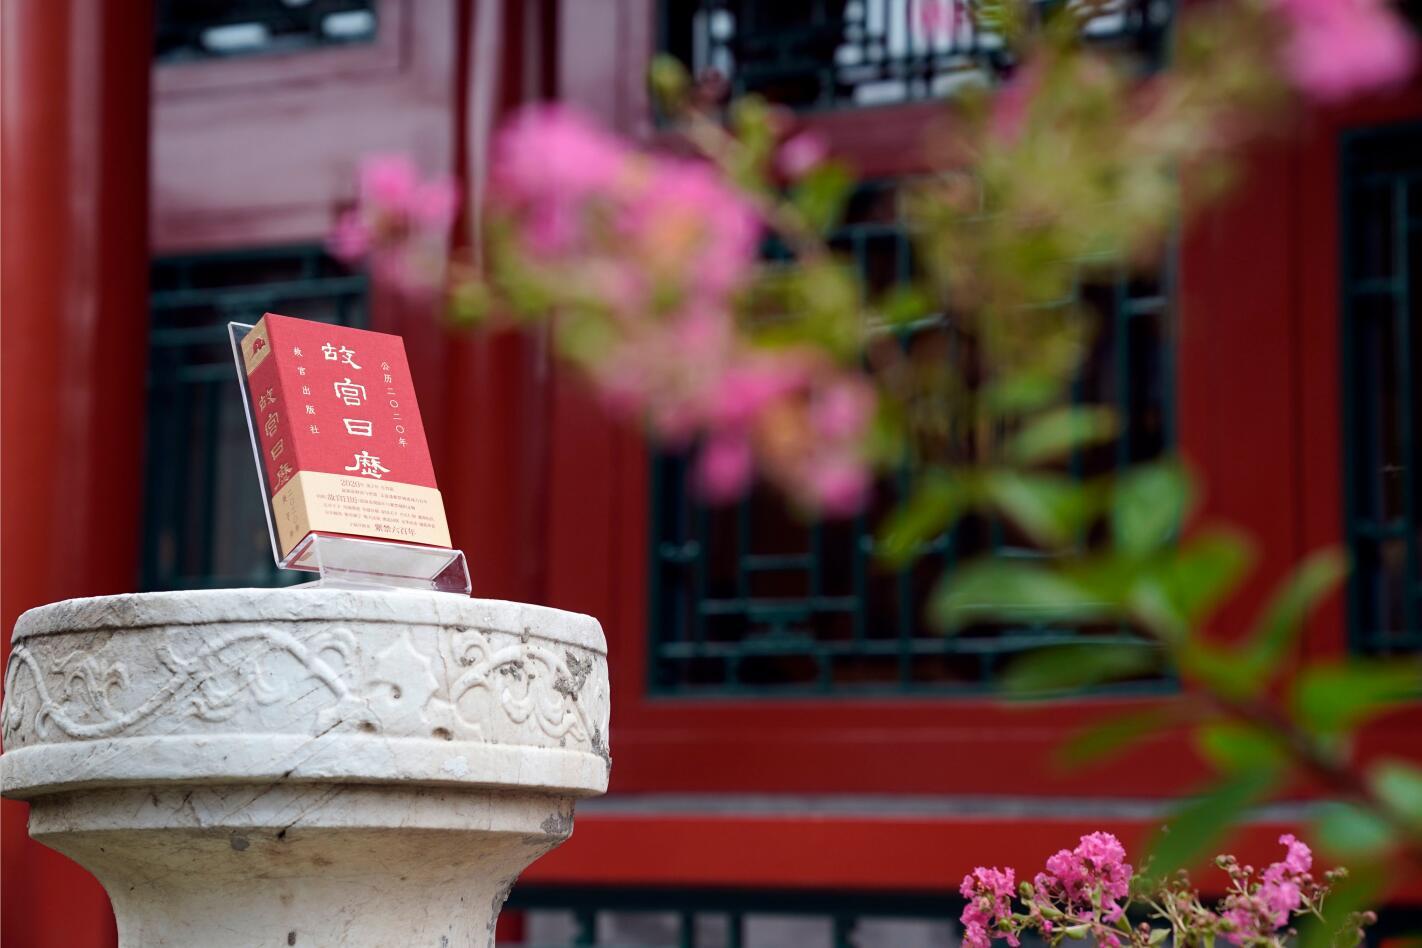 《故宫日历》2020年版出炉 读懂600年紫禁城沧桑